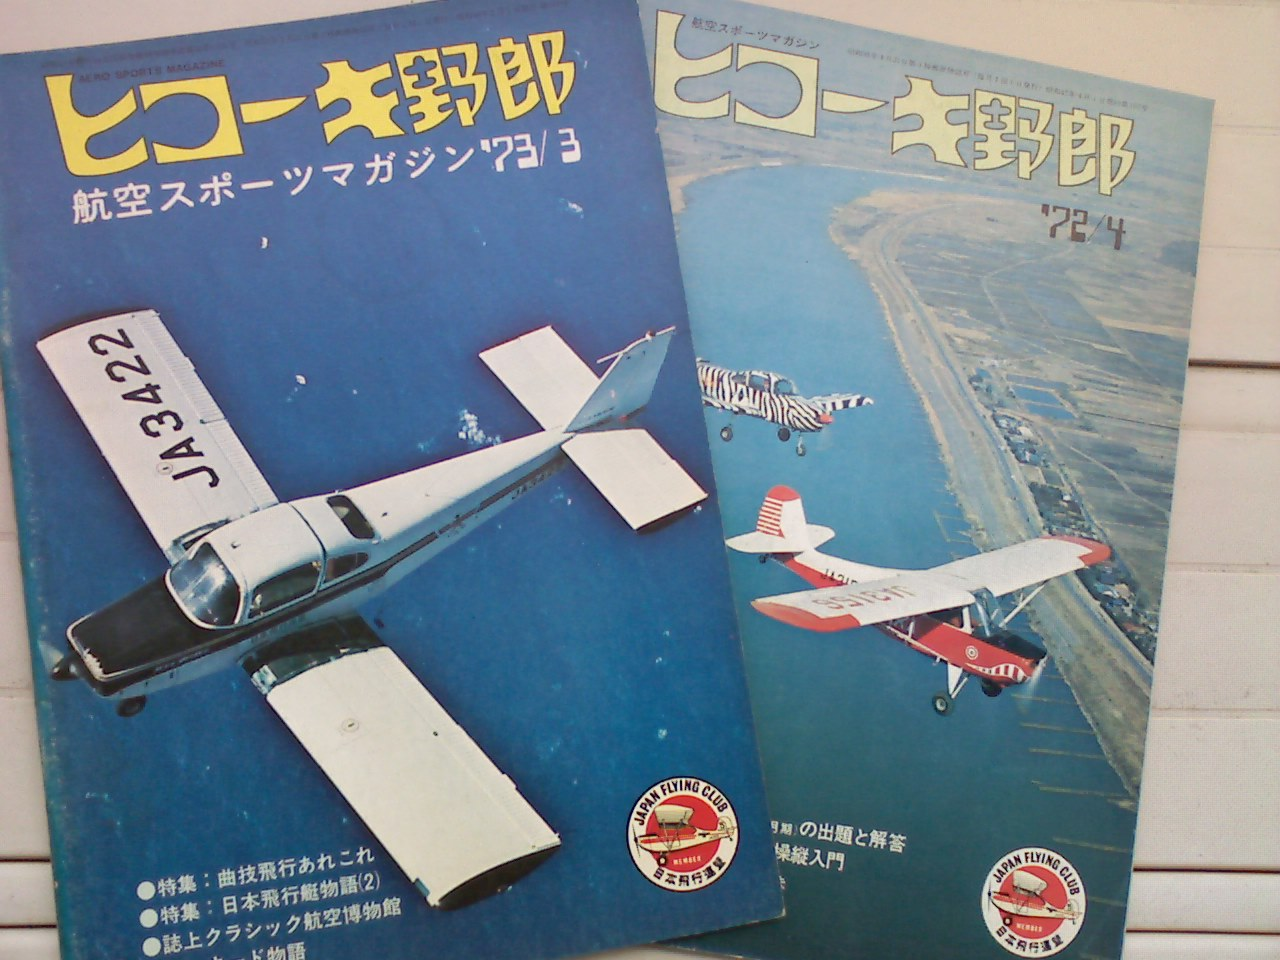 日本飛行協会